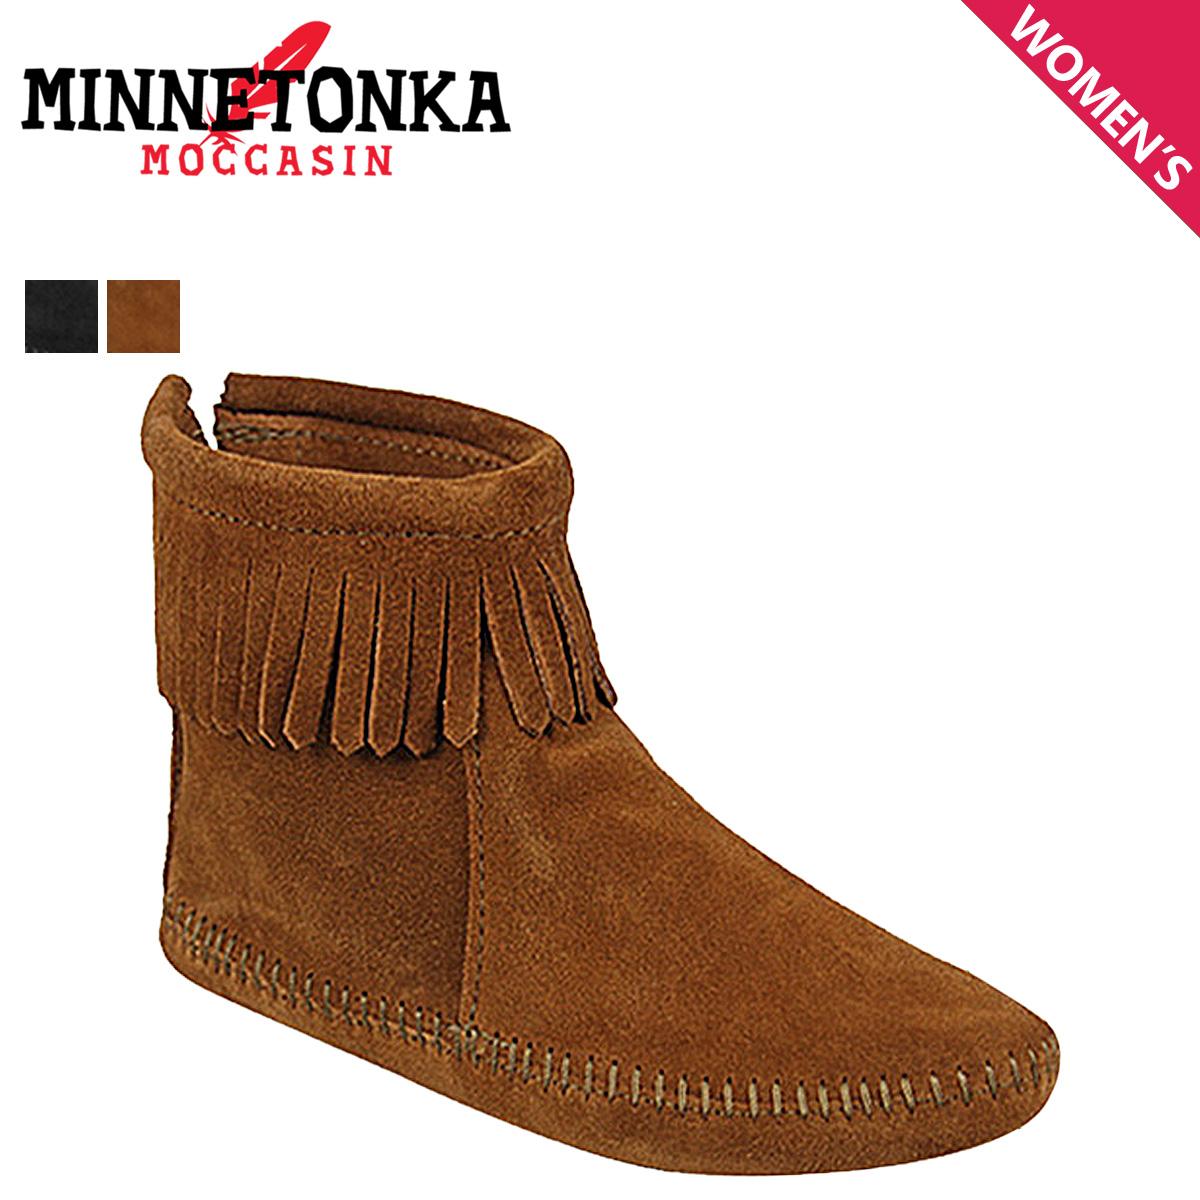 ミネトンカ MINNETONKA バック ジッパー ブーツ ソフトソール BACK ZIPPER BOOTS SOFT SOLE レディース